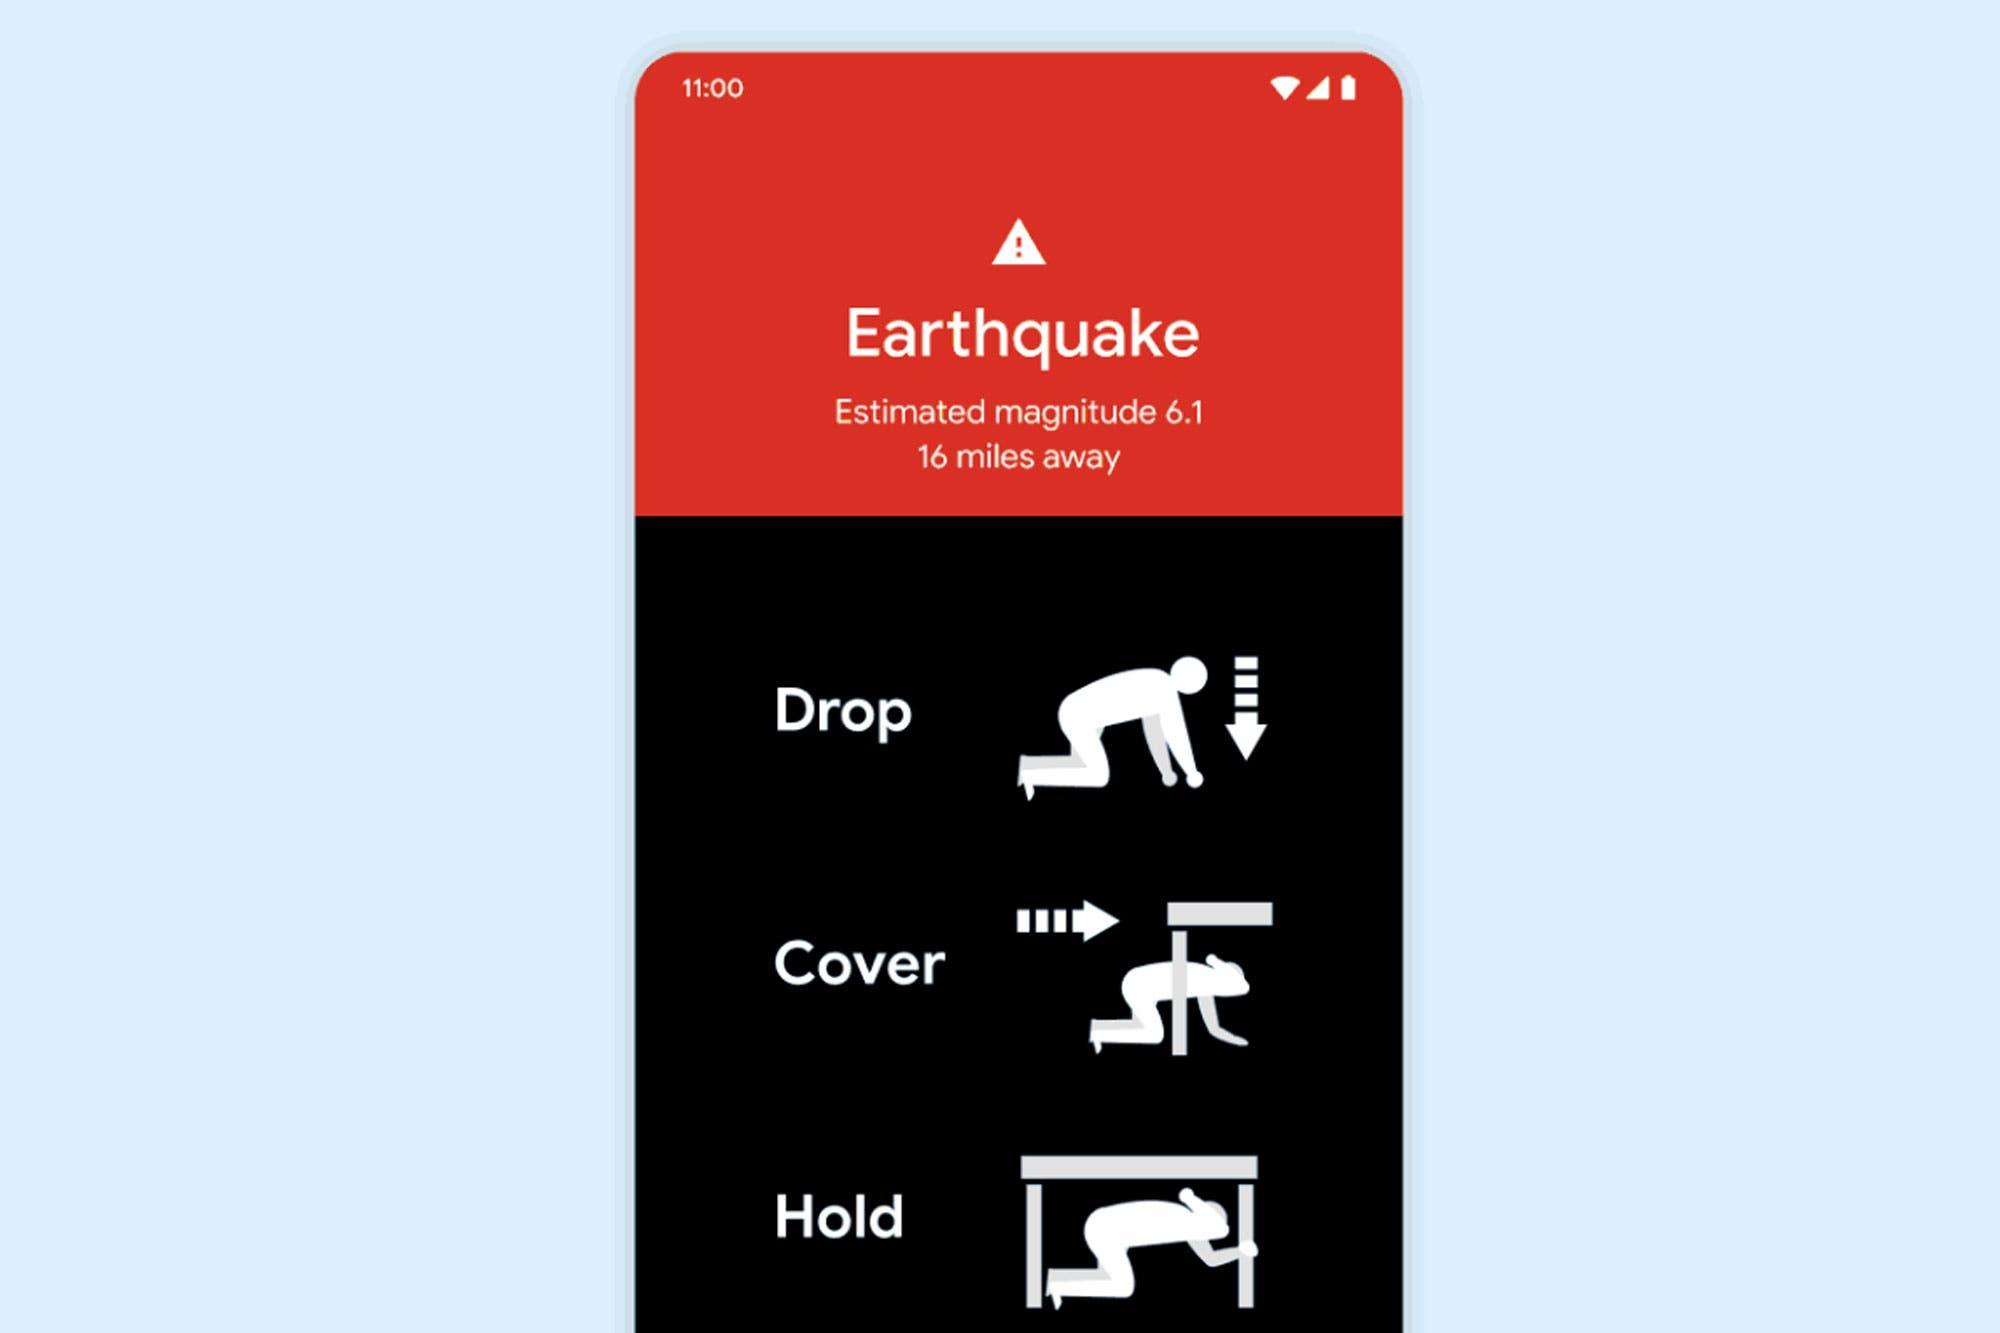 Google convierte los teléfonos Android en pequeños sismógrafos para ayudar a detectar terremotos